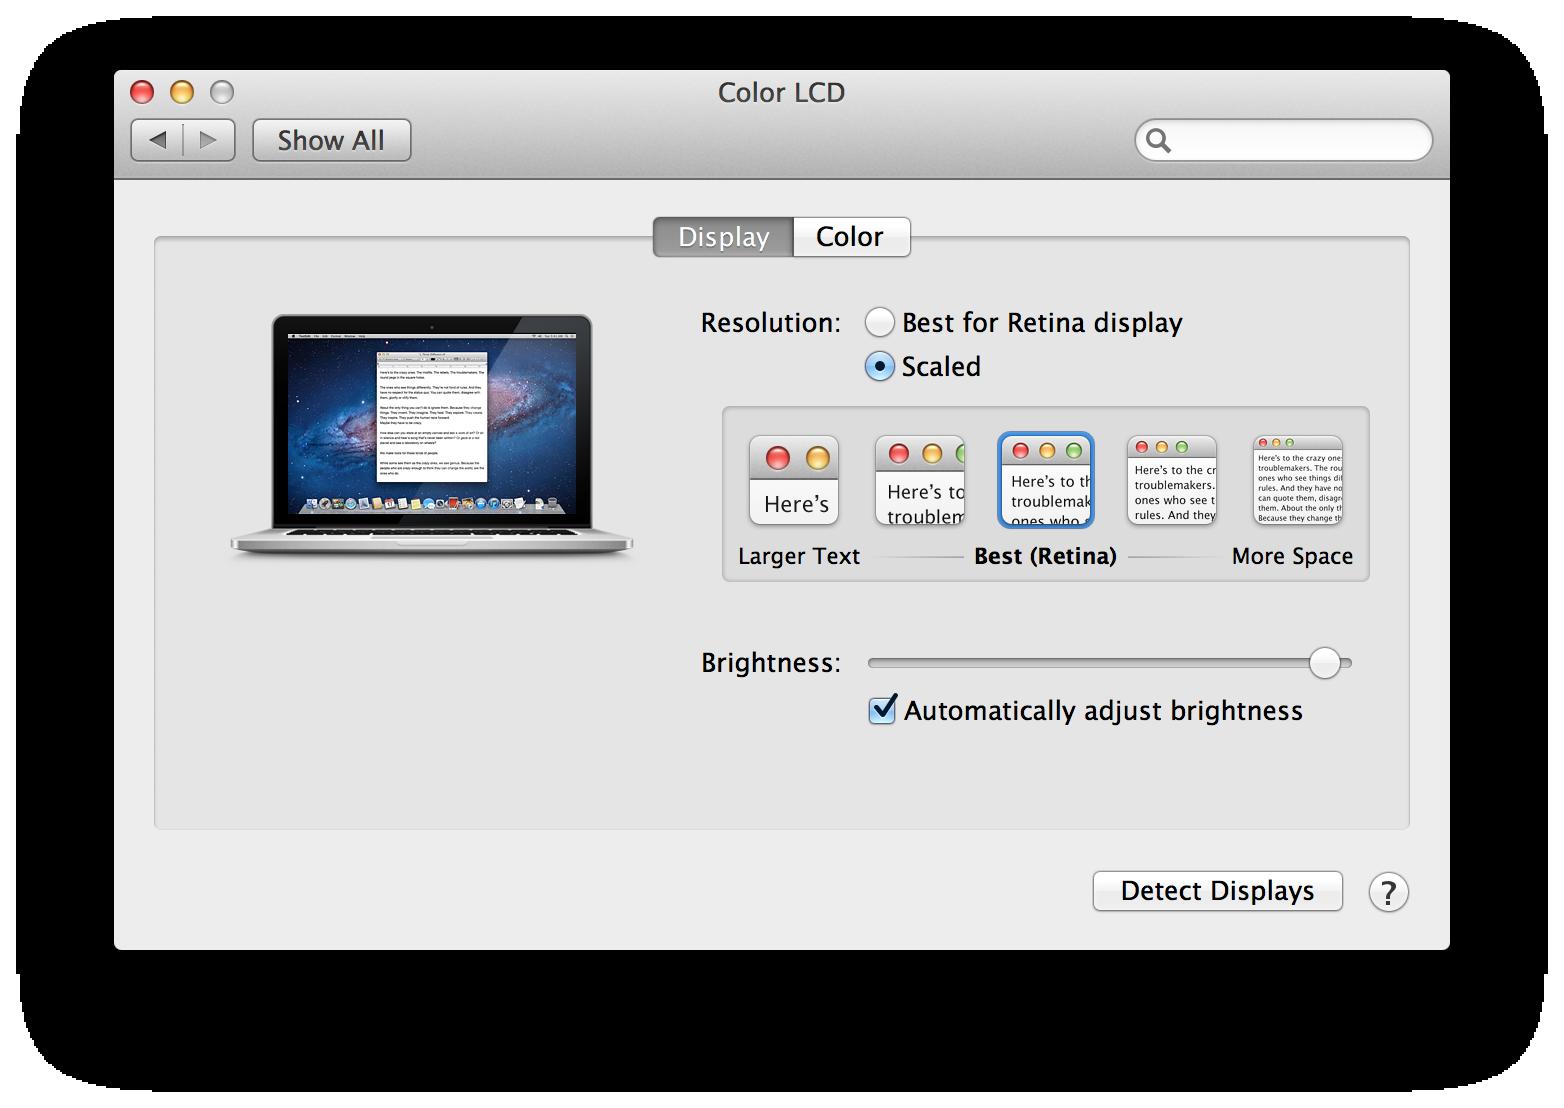 Novo macbook pro capaz de rodar de fato a 28801800 pixels mas a configurao padro best retina que faz a mquina rodar a 1440900 pixels com bastante nitidez modo hidpi se o usurio selecionar more space ccuart Choice Image